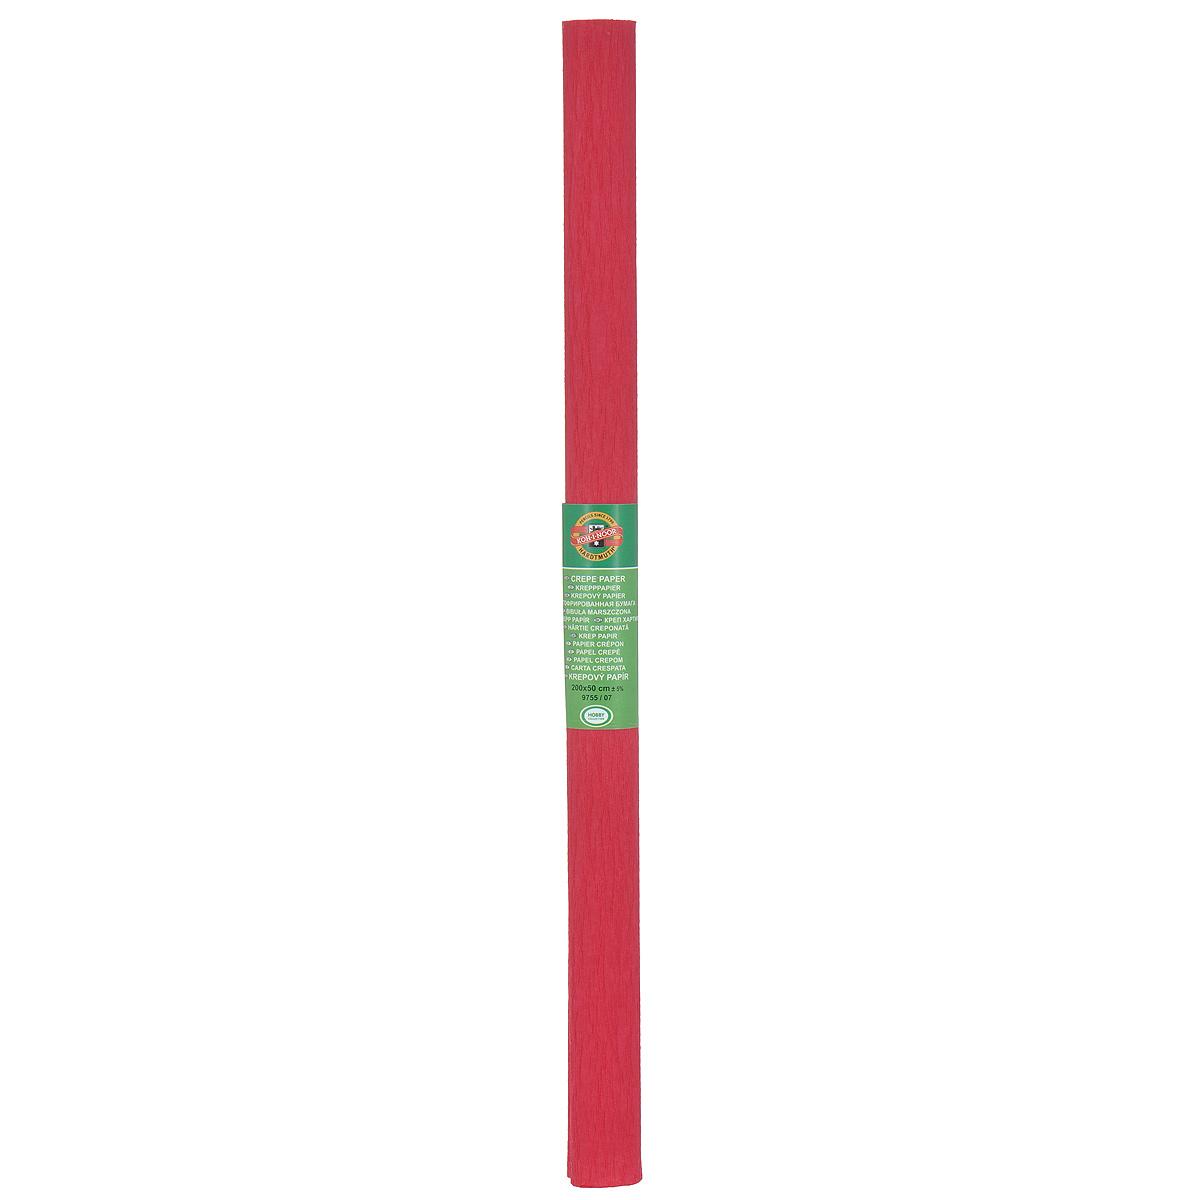 Бумага гофрированная Koh-I-Noor, цвет: темно-красный, 50 см x 2 м9755/07 тем.крас.Гофрированная бумага Koh-I-Noor - прекрасный материал для декорирования, изготовления эффектной упаковки и различных поделок. Бумага прекрасно держит форму, не пачкает руки, отлично крепится и замечательно подходит для изготовления праздничной упаковки для цветов.